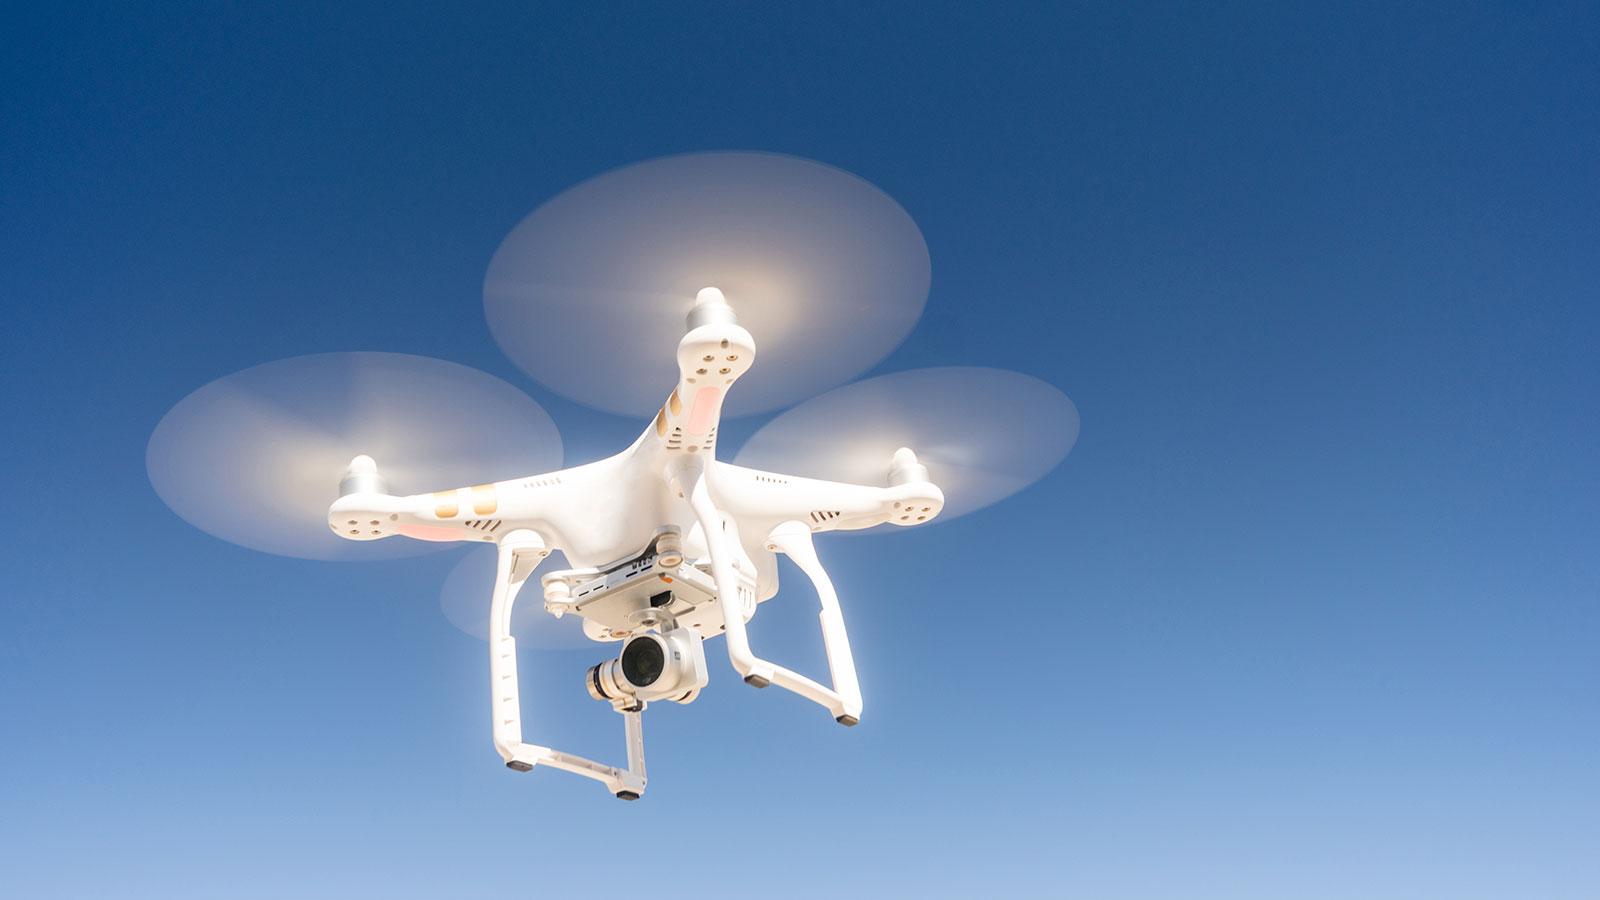 filmagem aerea 0 - Descubra as vantagens das filmagens aéreas para sua marca